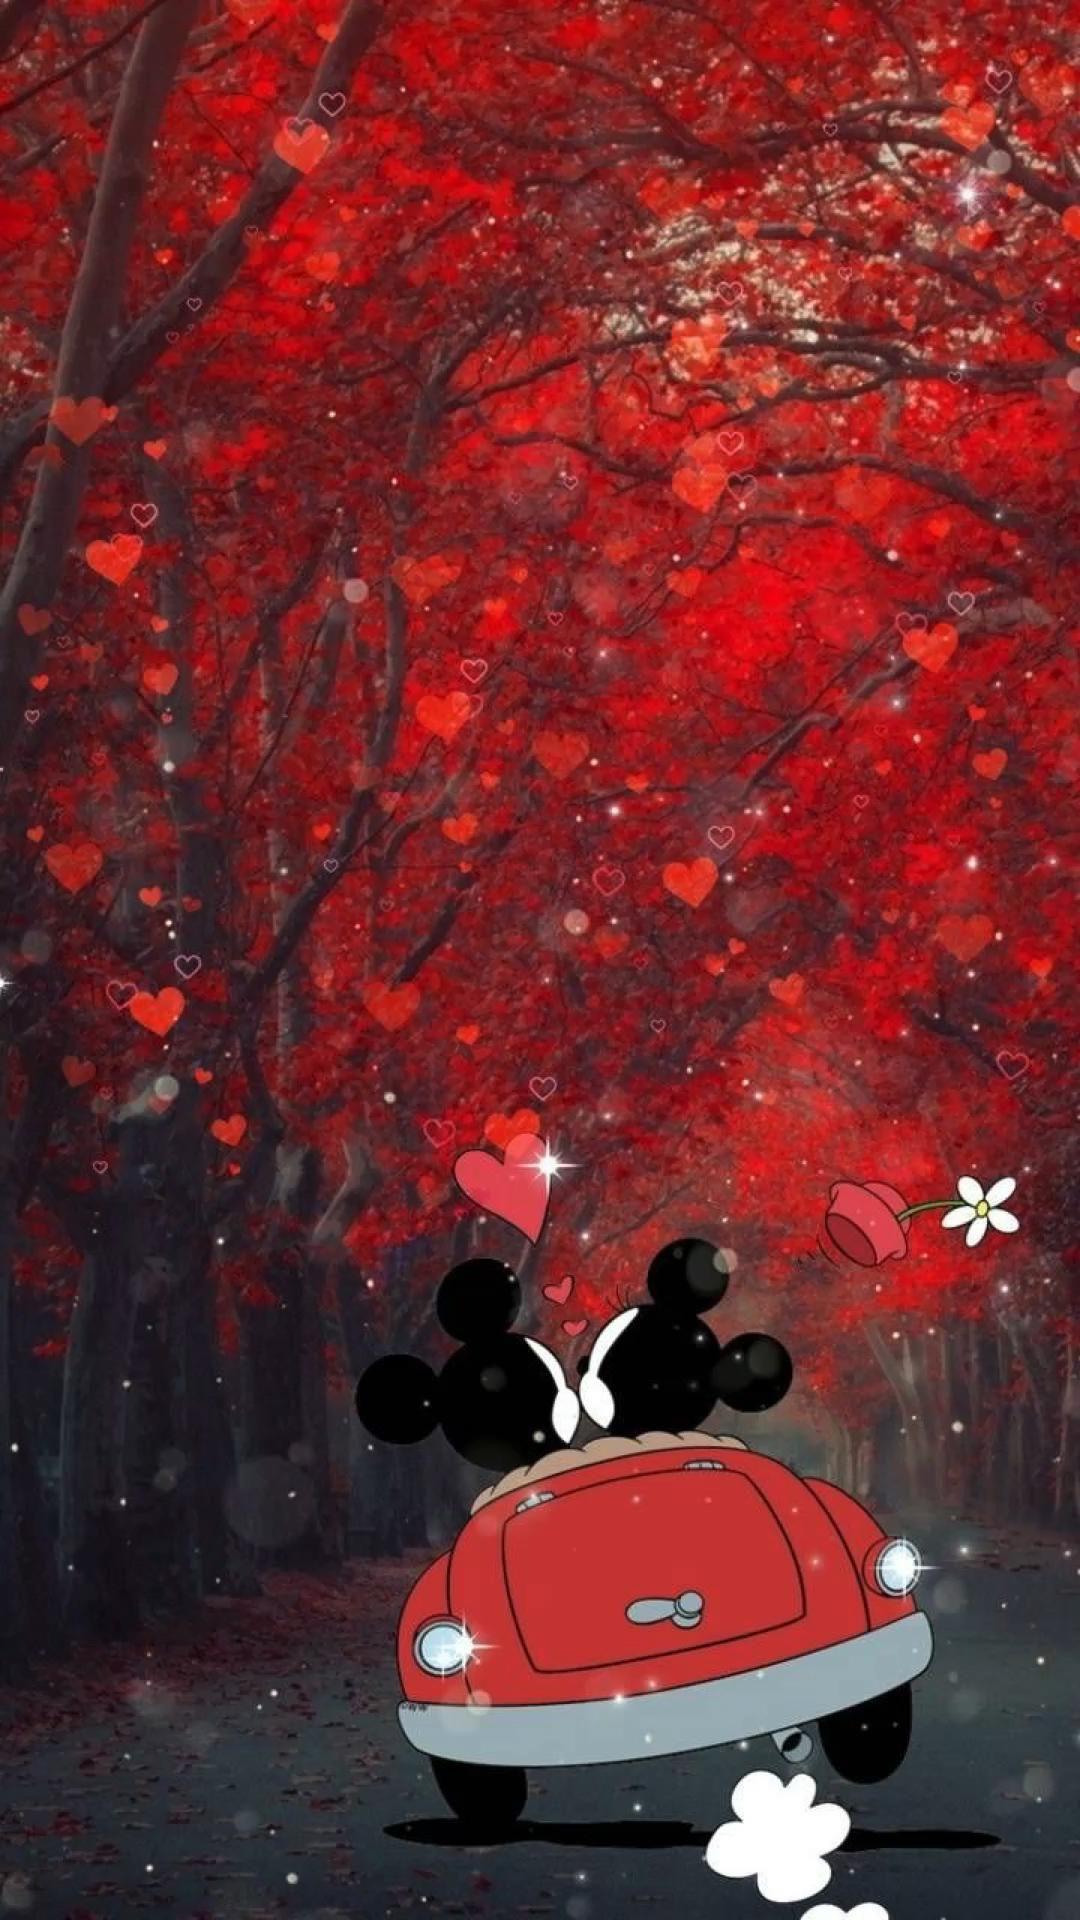 Wallpaper Disney Mickey & Minnie